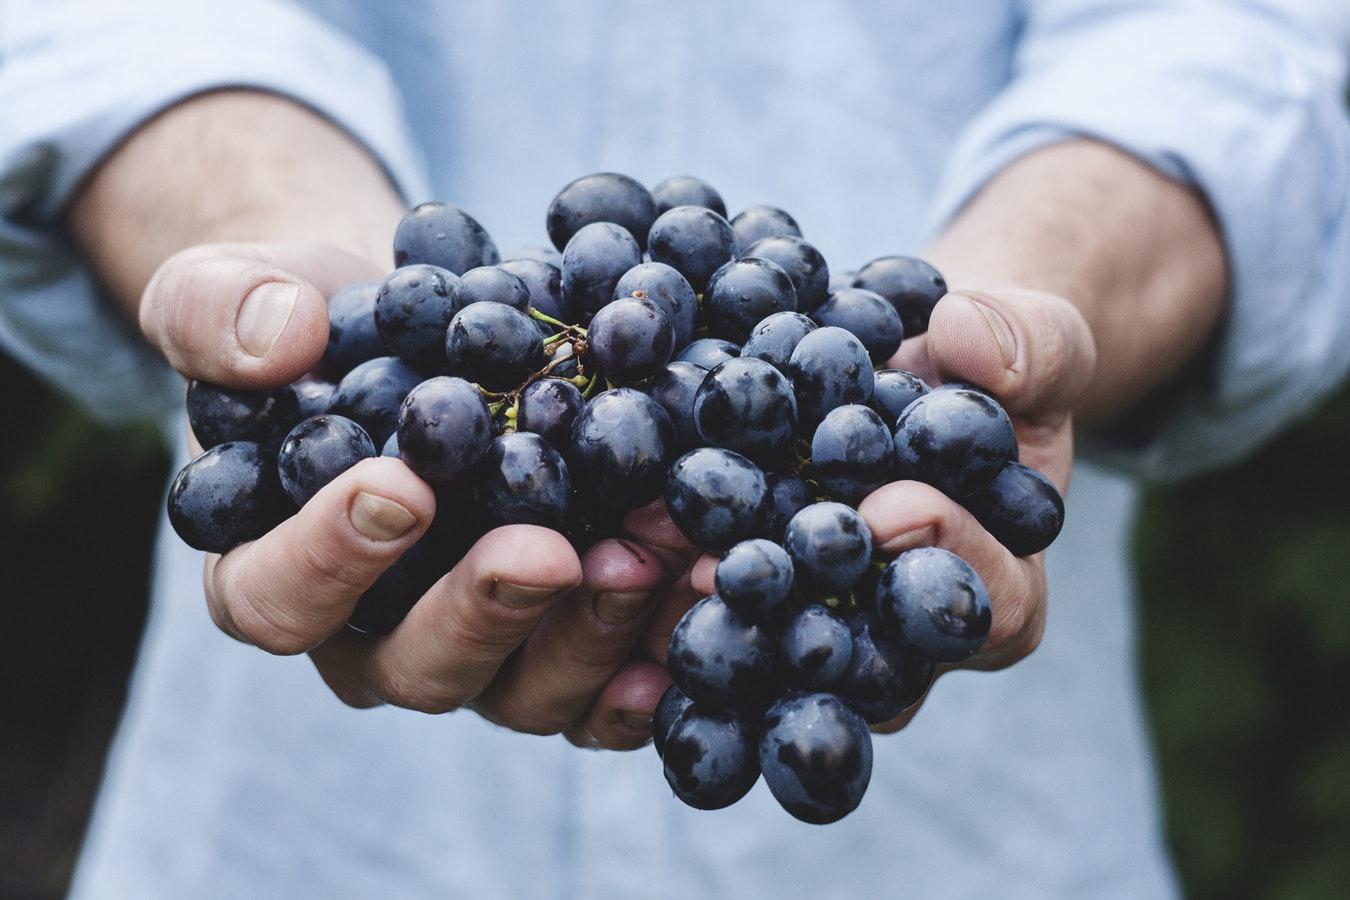 Uva utilizzata ella produzione di vino dalla Cantina Sociale di Viadana